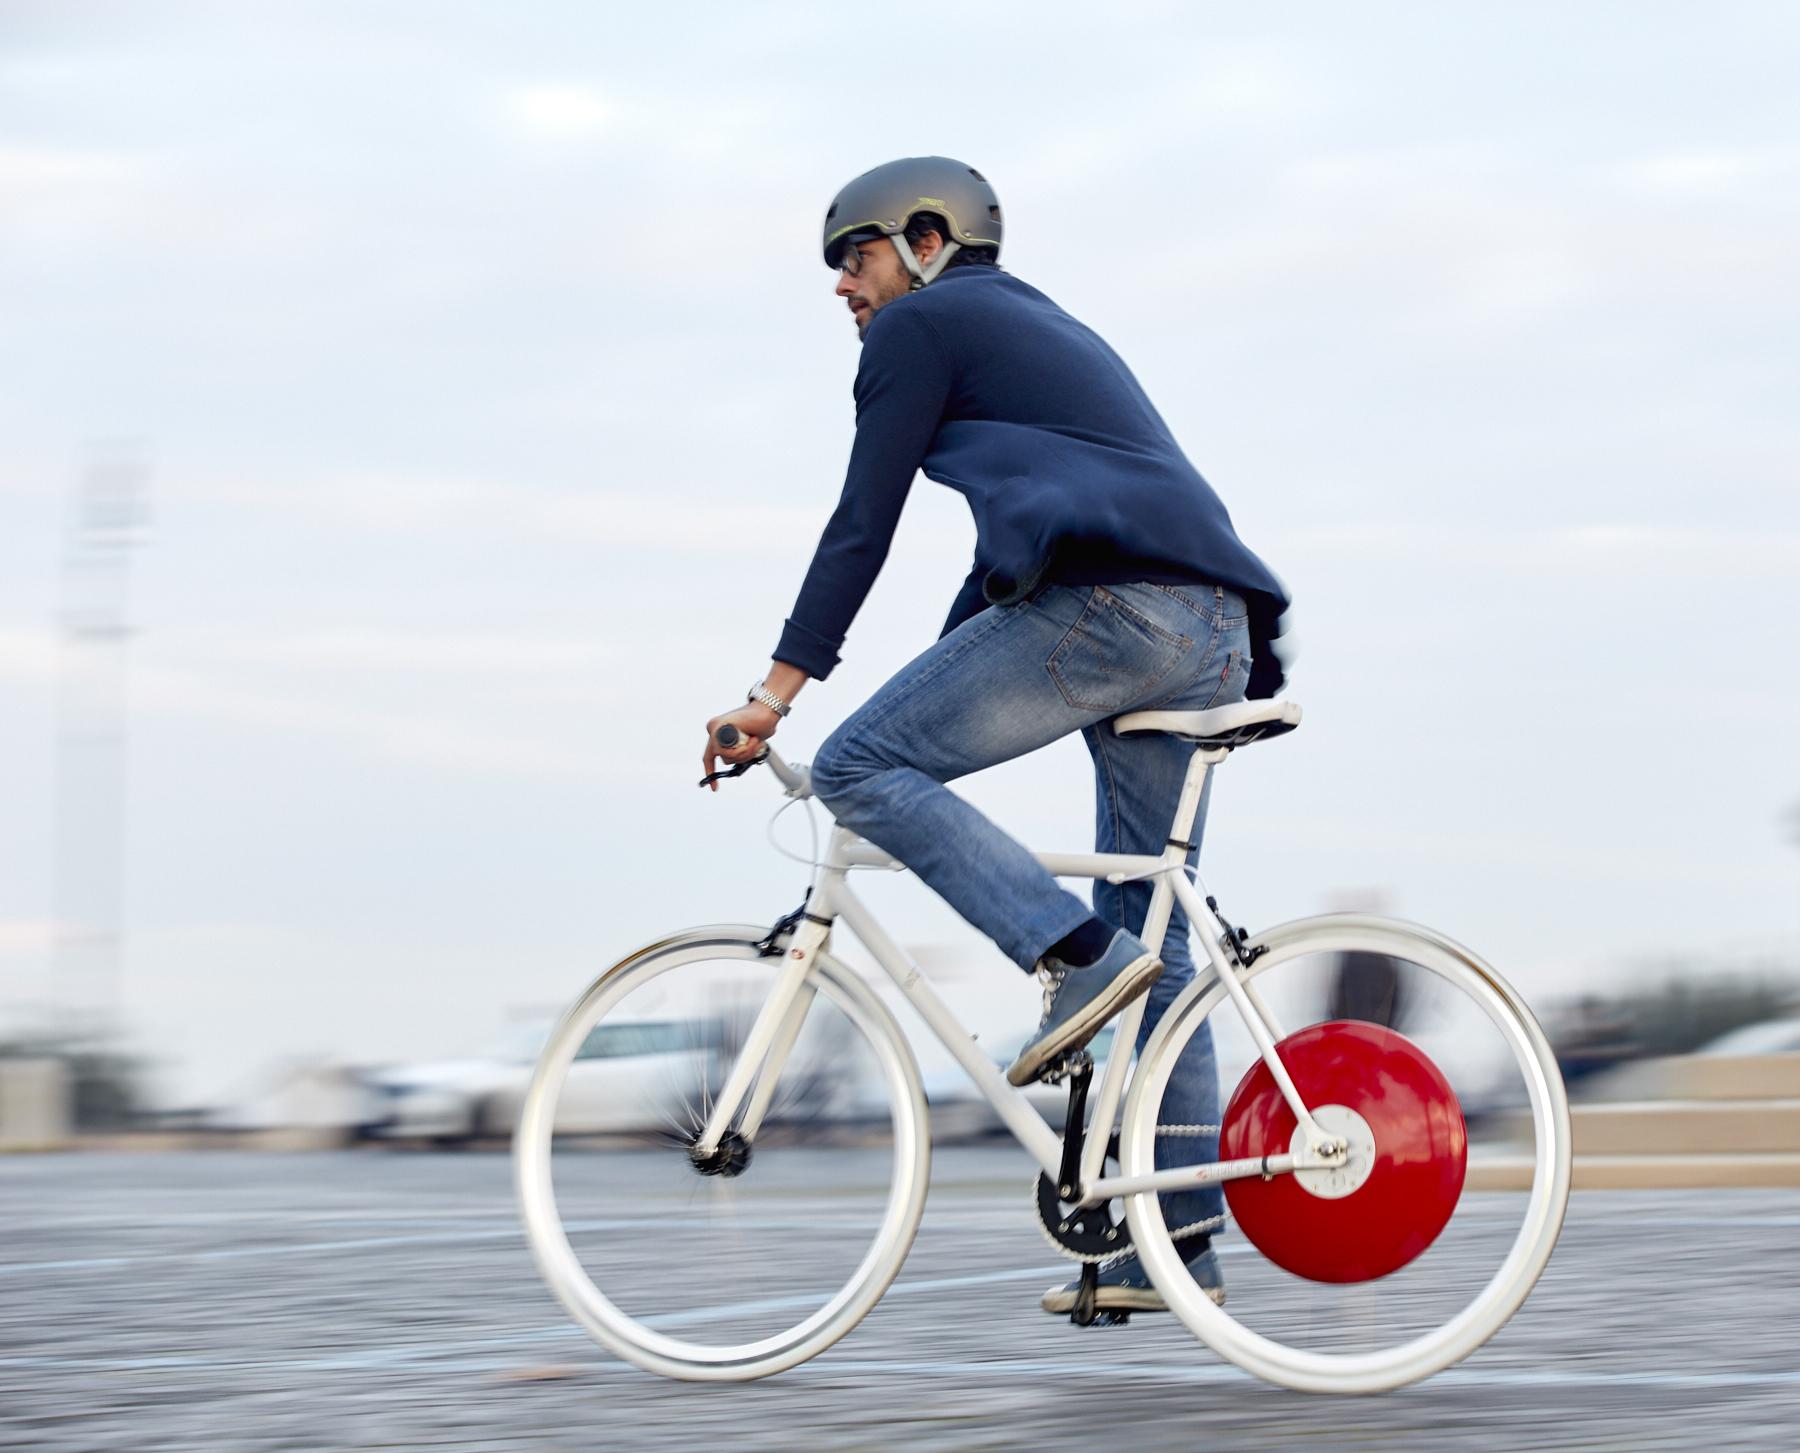 Bánh xe biến xe đạp thành xe đạp điện